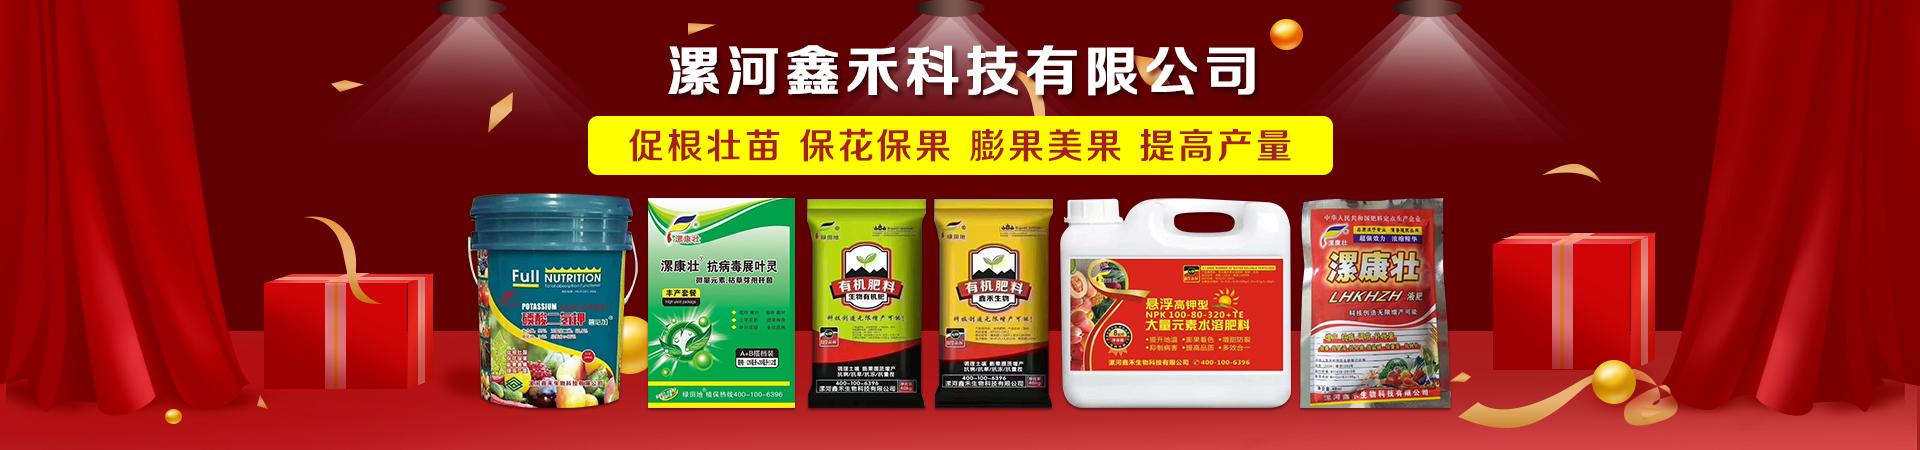 漯河鑫禾科技有限公司